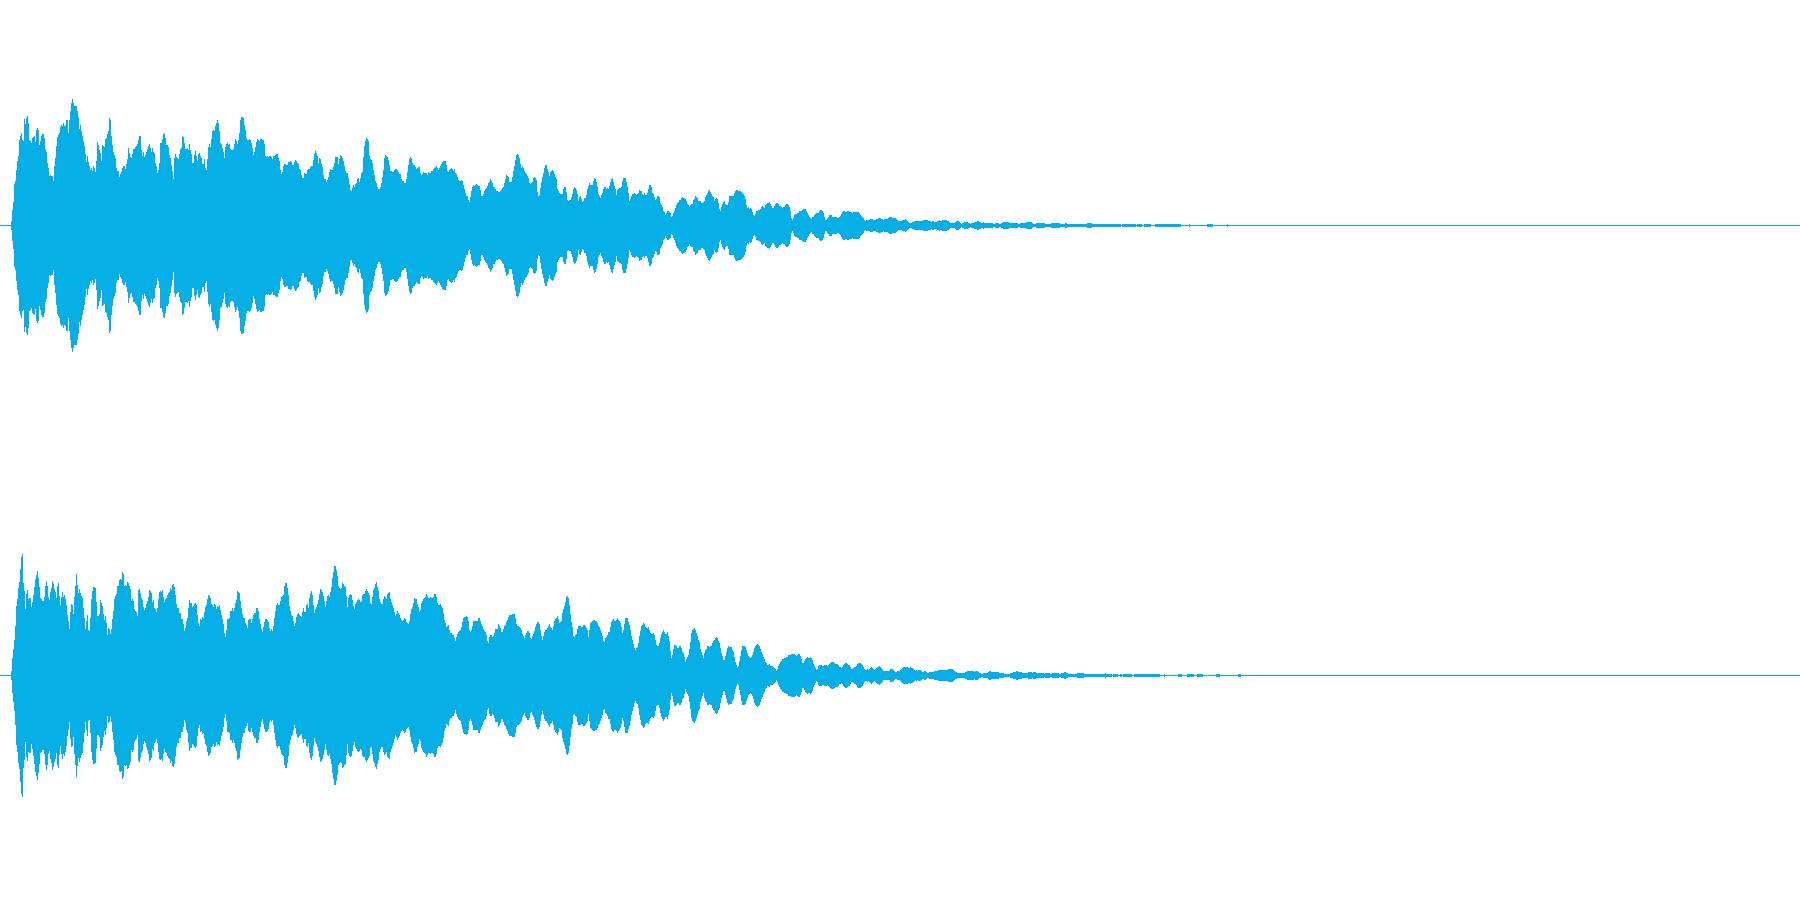 トレーラー用シネマチックアラーム・ピン3の再生済みの波形